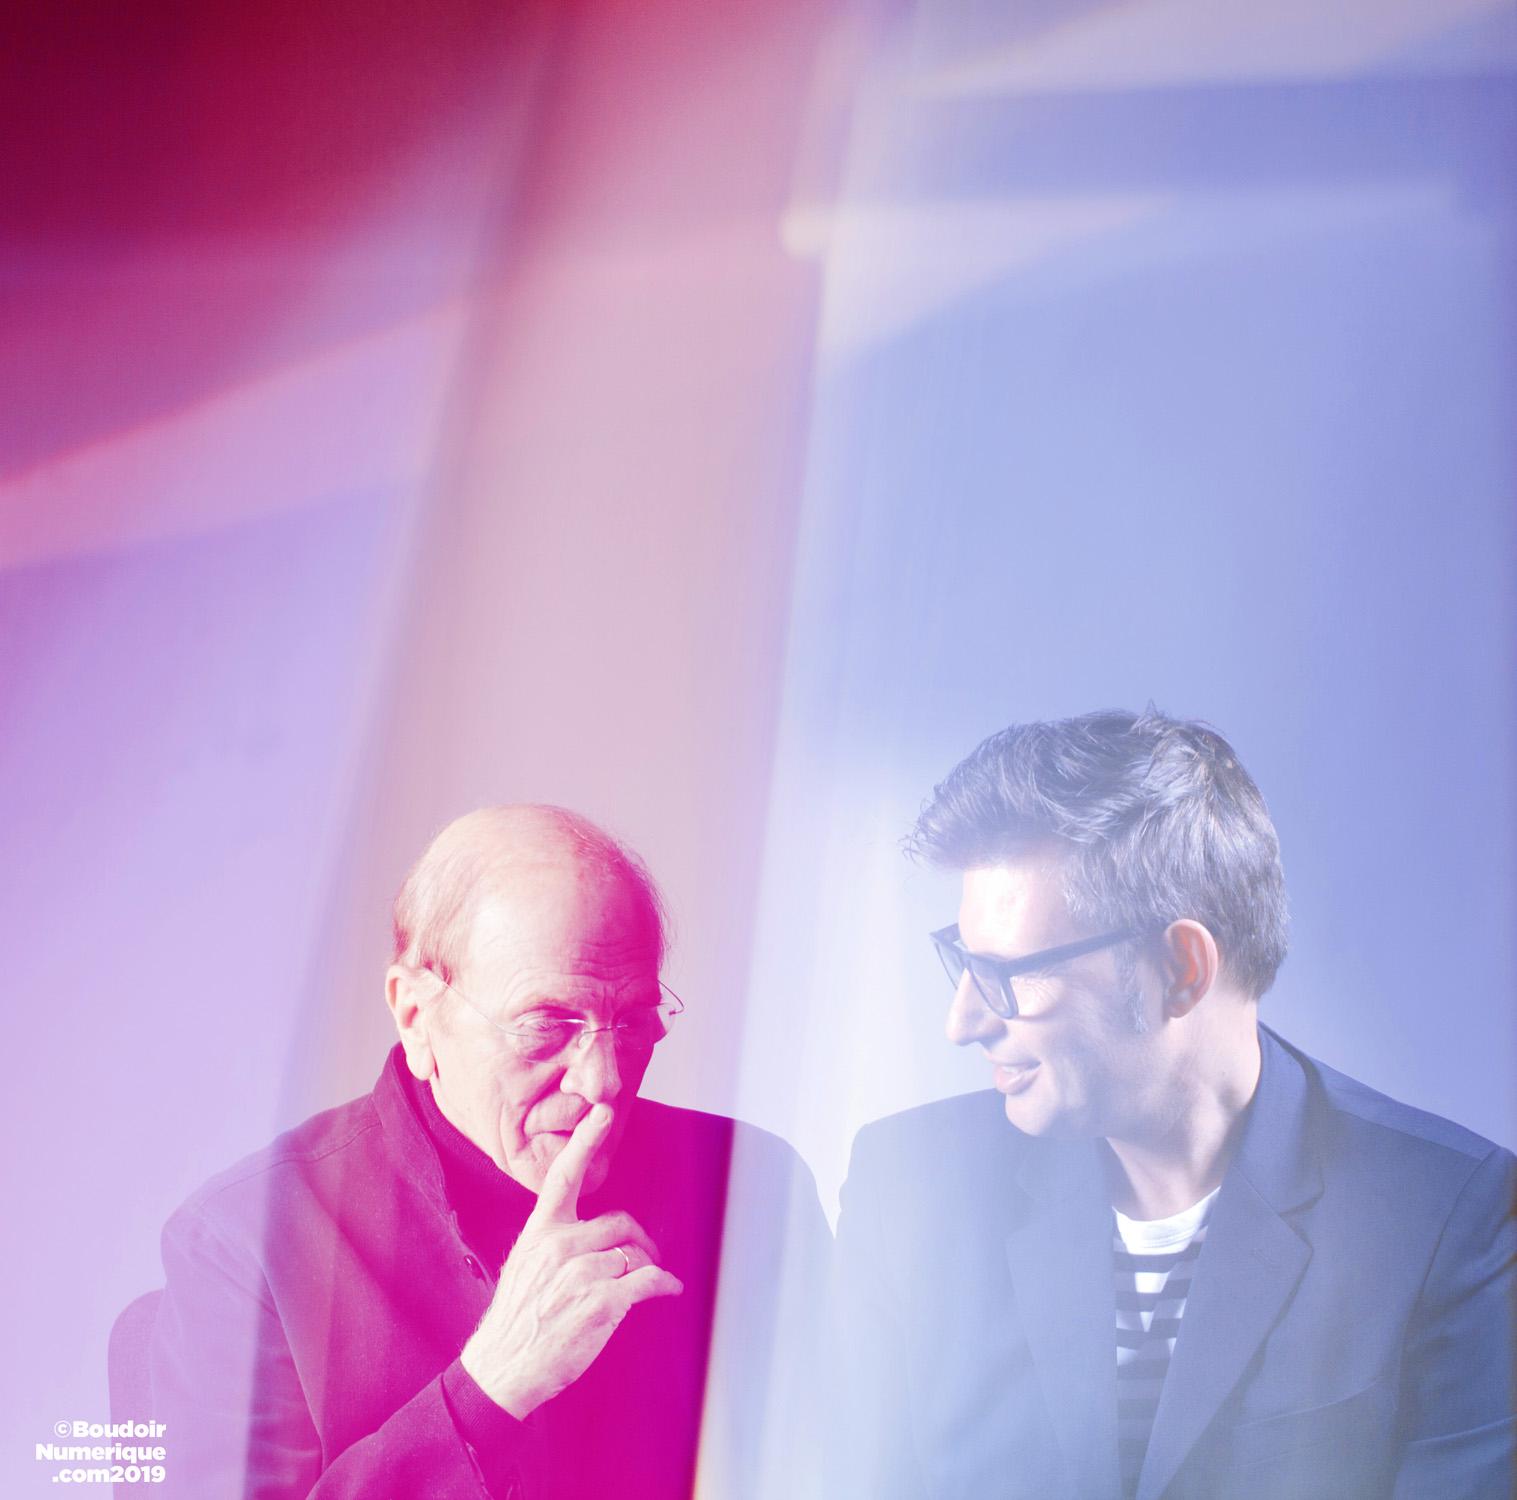 Sébastien Canu et Gérard Caron, designers